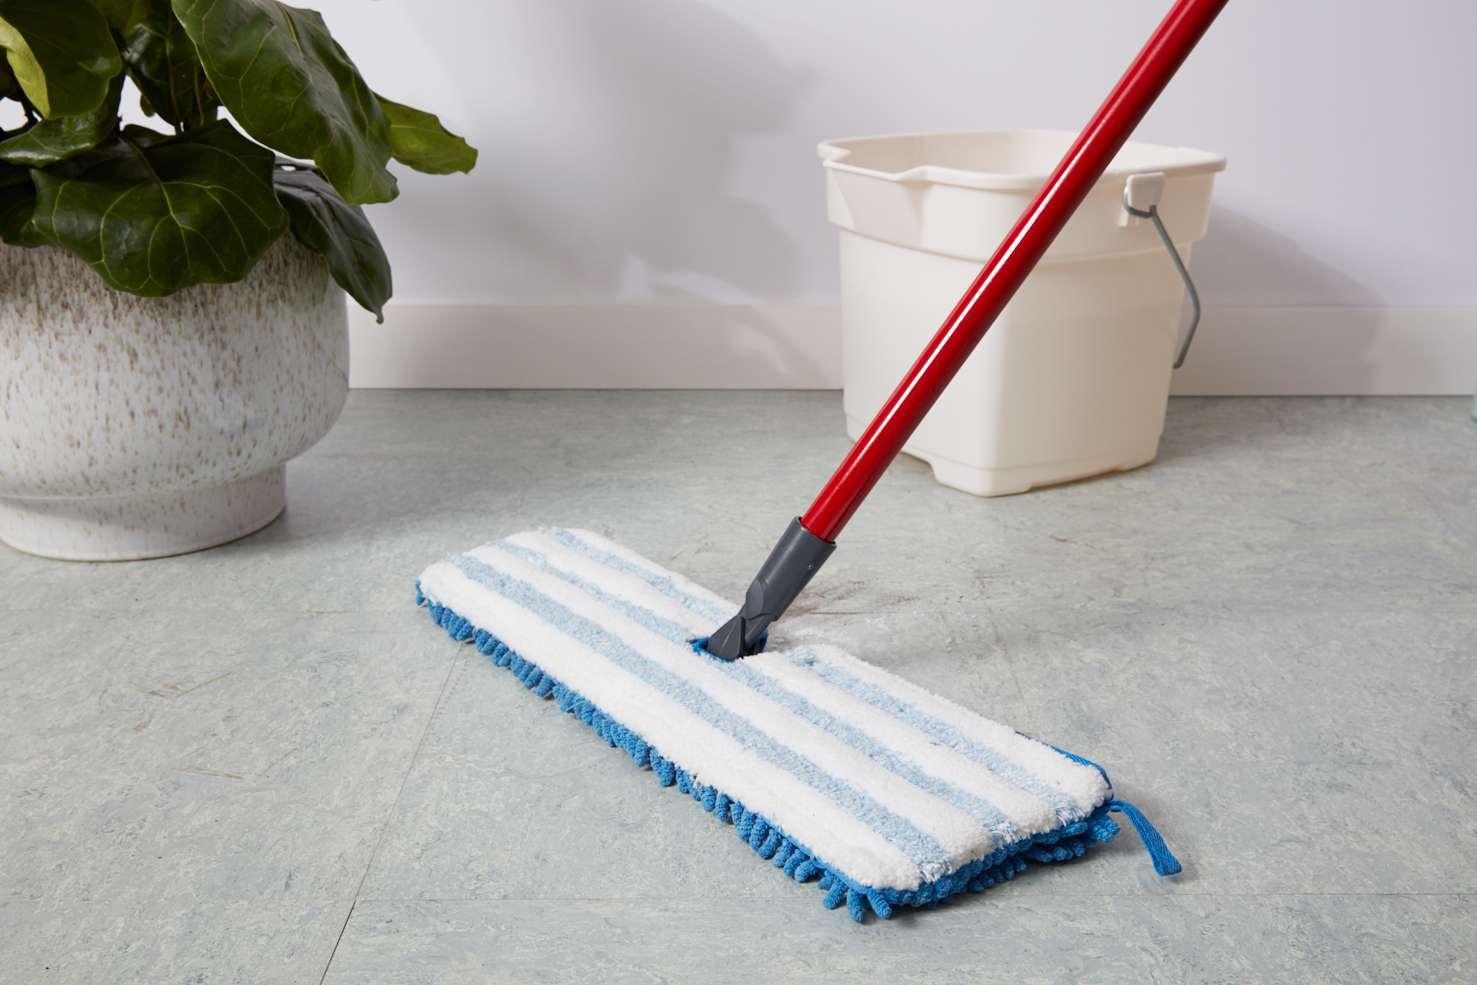 Cleaning linoleum floor with microfiber mop